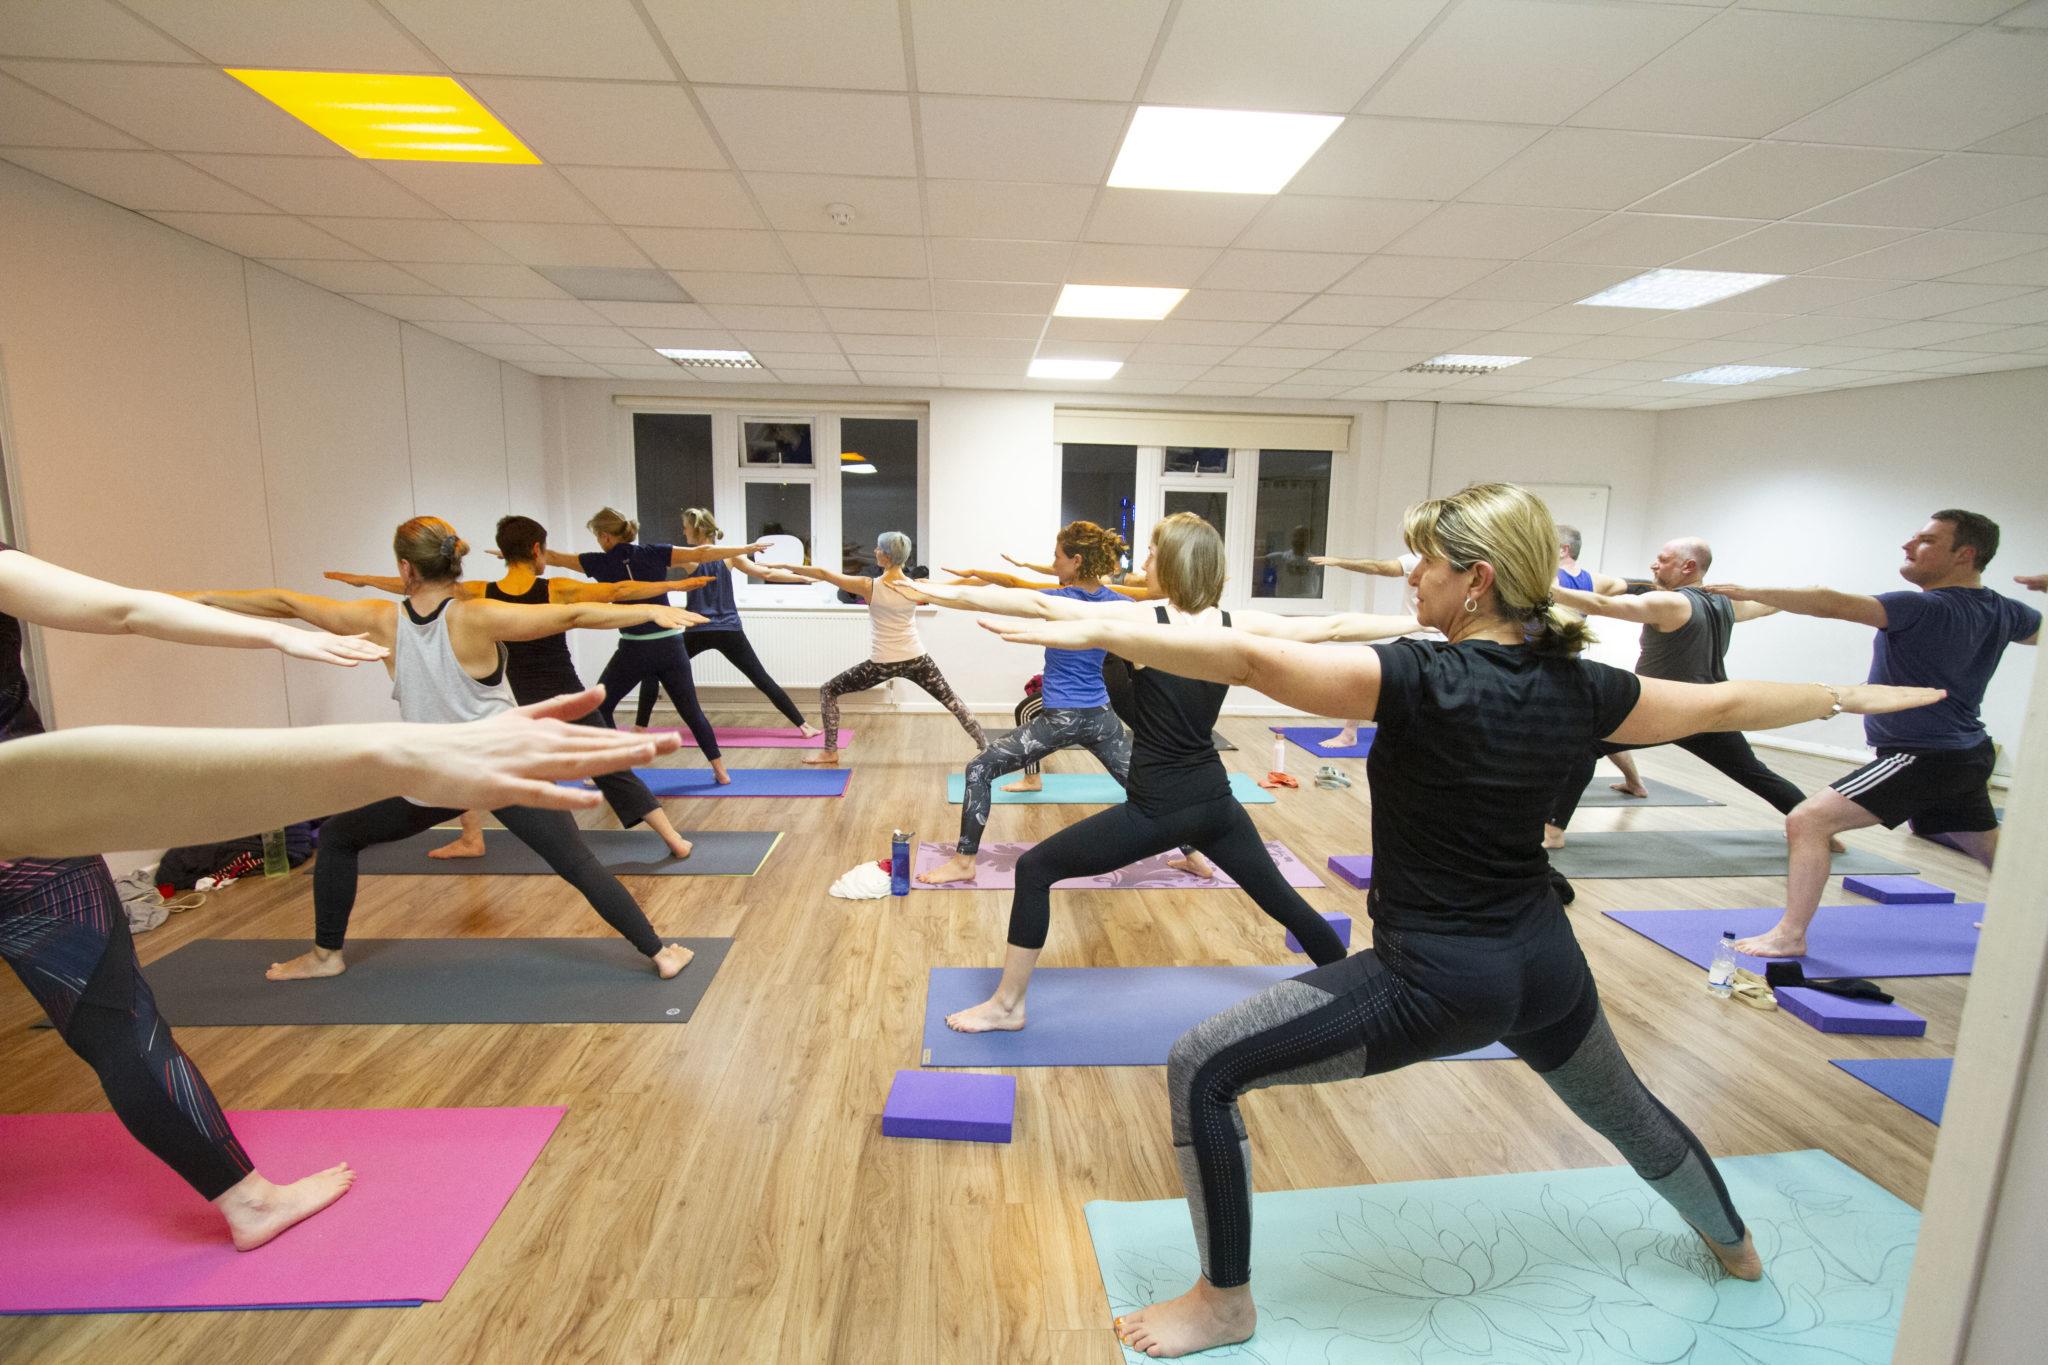 Yoga class with Kim Mackie